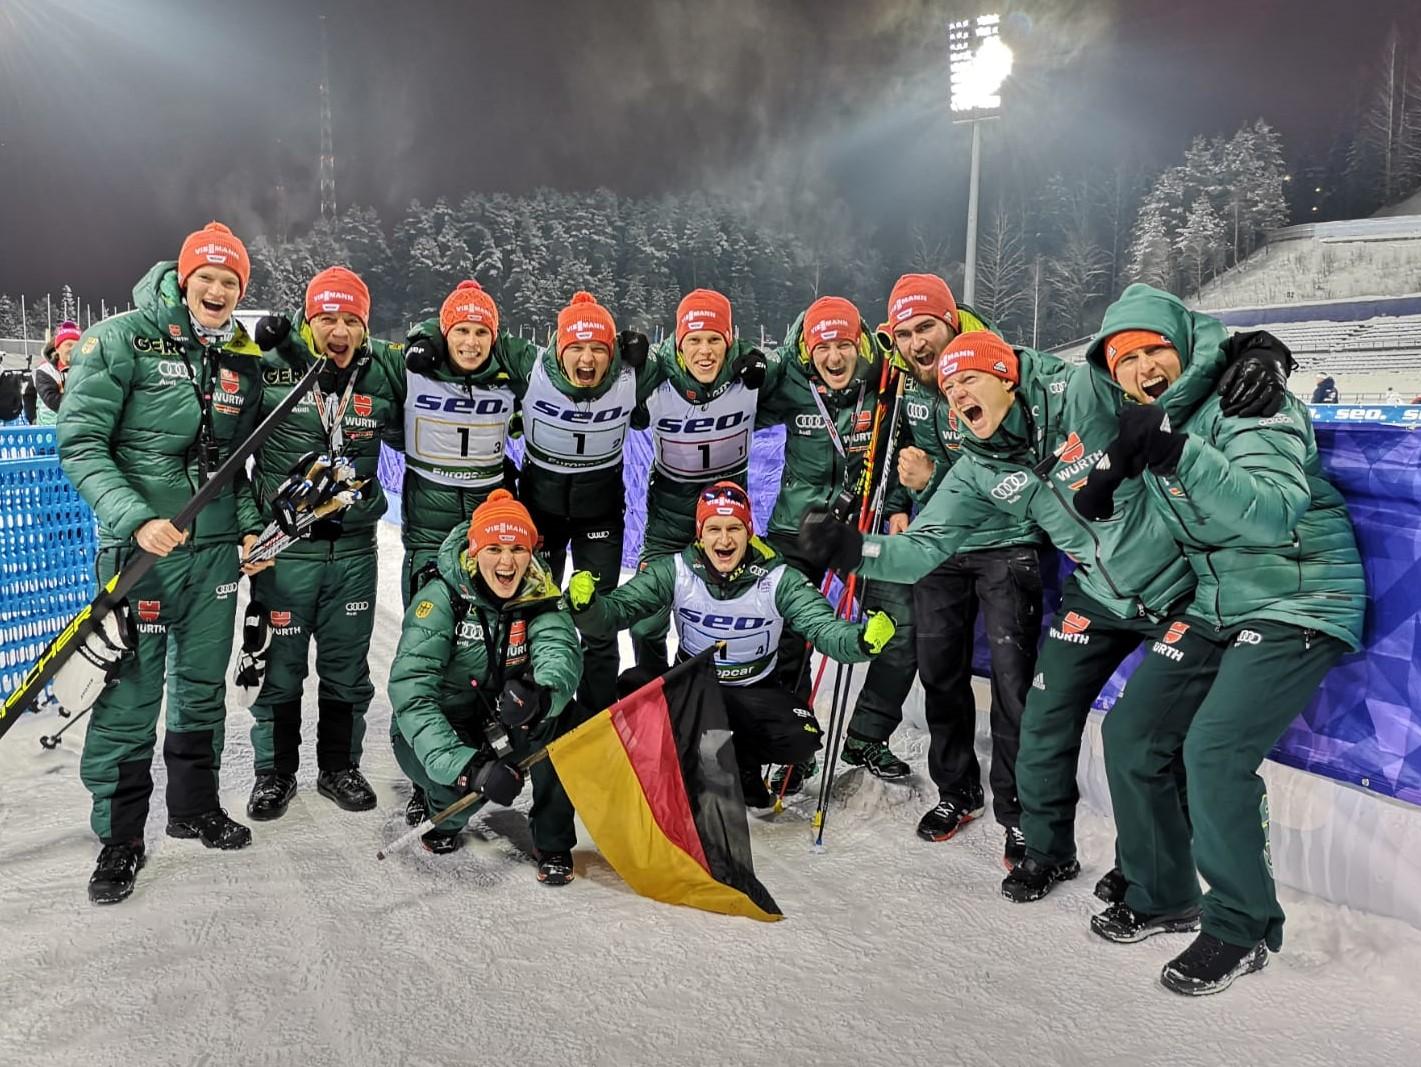 Juniorenweltmeister Team nordische Kombination Finnland Lathi 2019